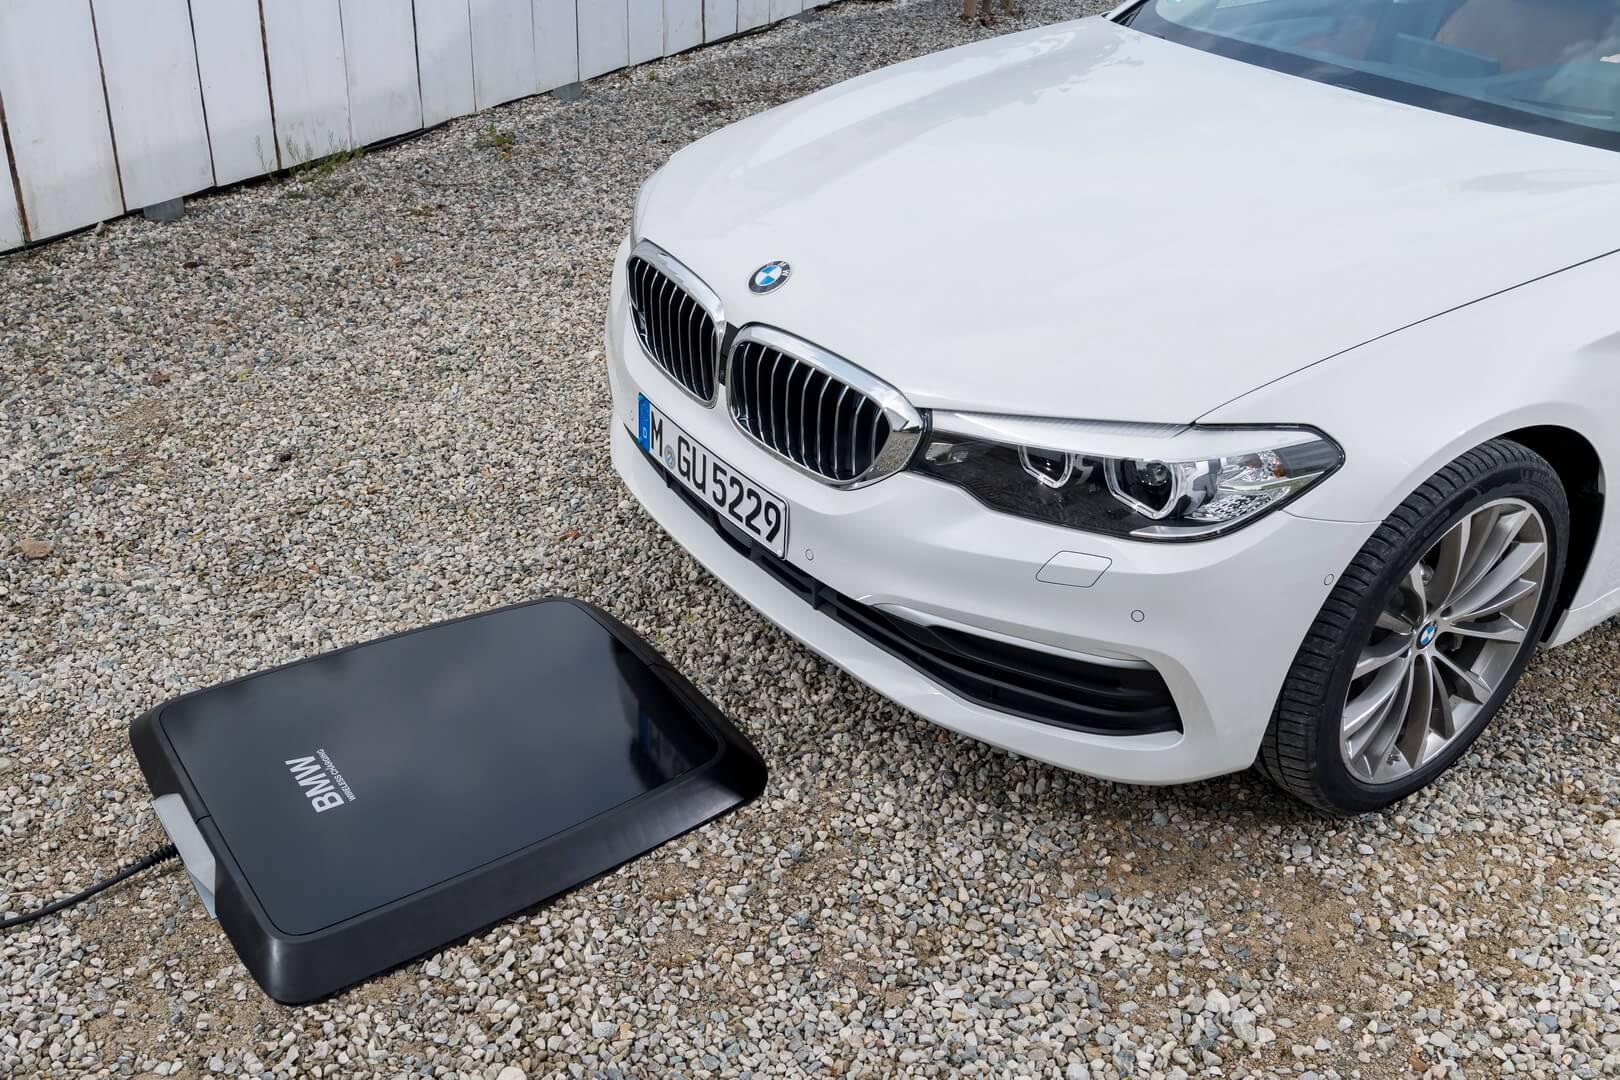 Нова бездротова зарядка для BMW 530e iPerformance запущена у виробництво